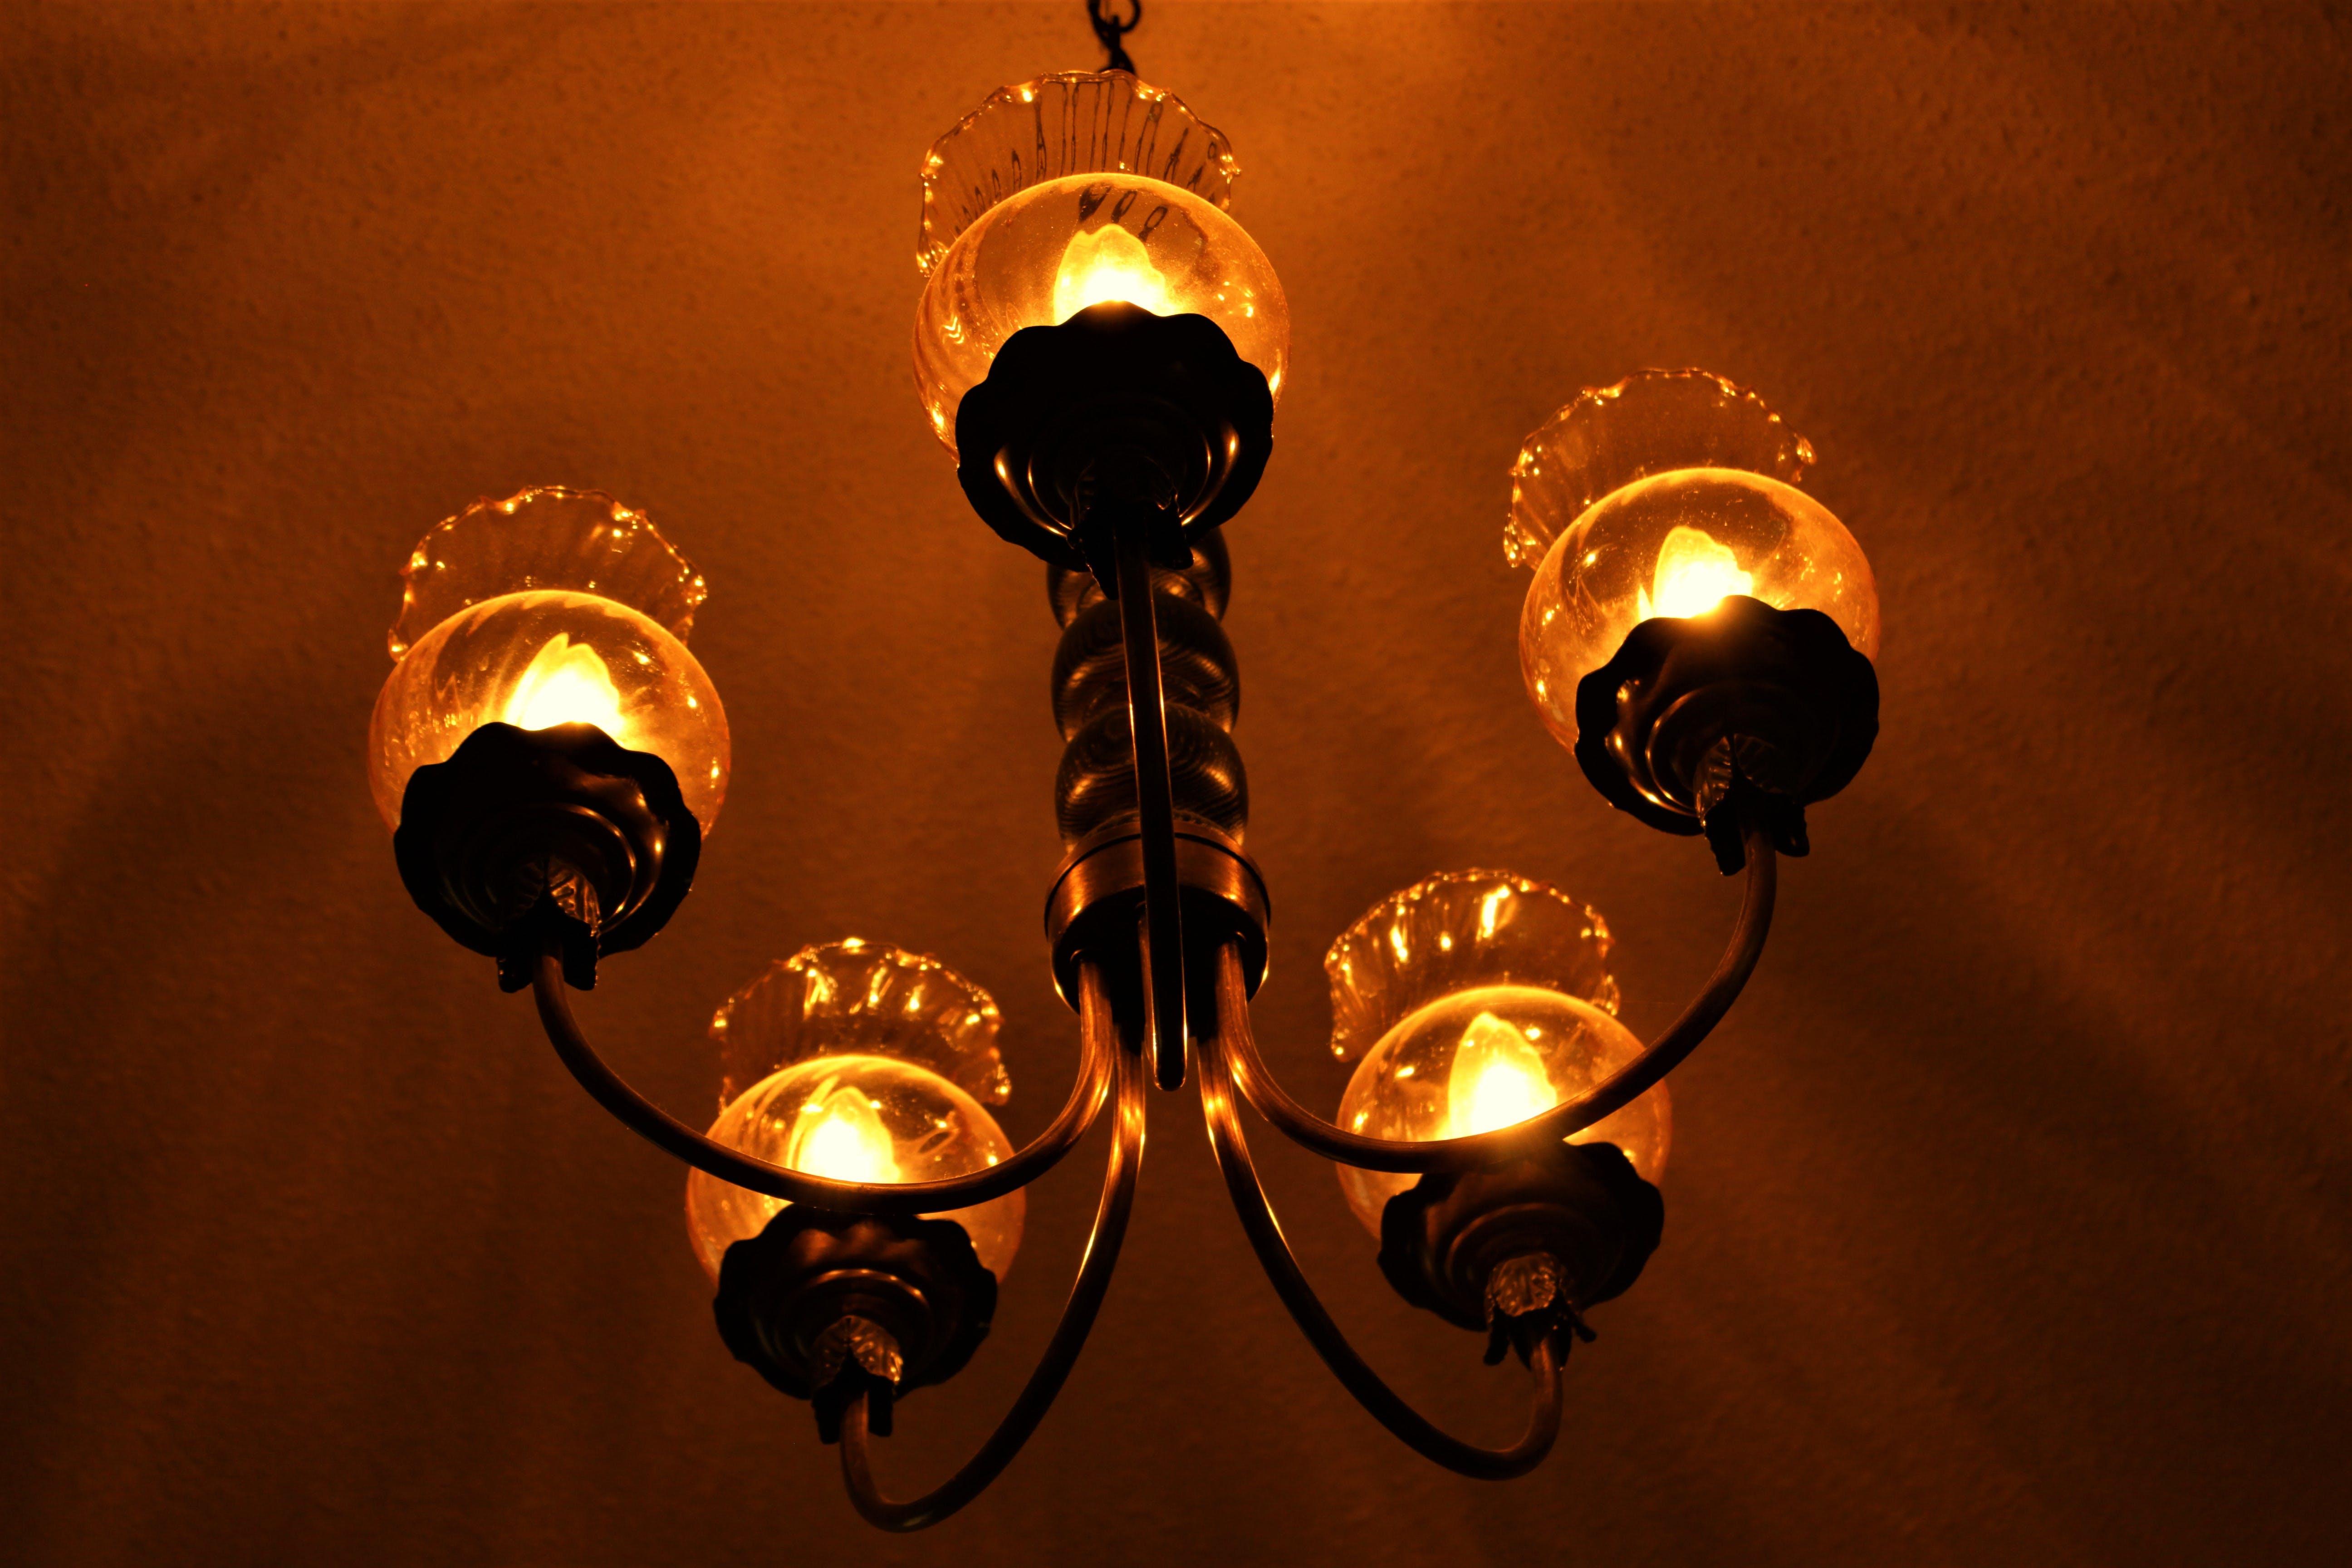 Kostenloses Stock Foto zu beleuchtung, gold, leuchte, leuchter